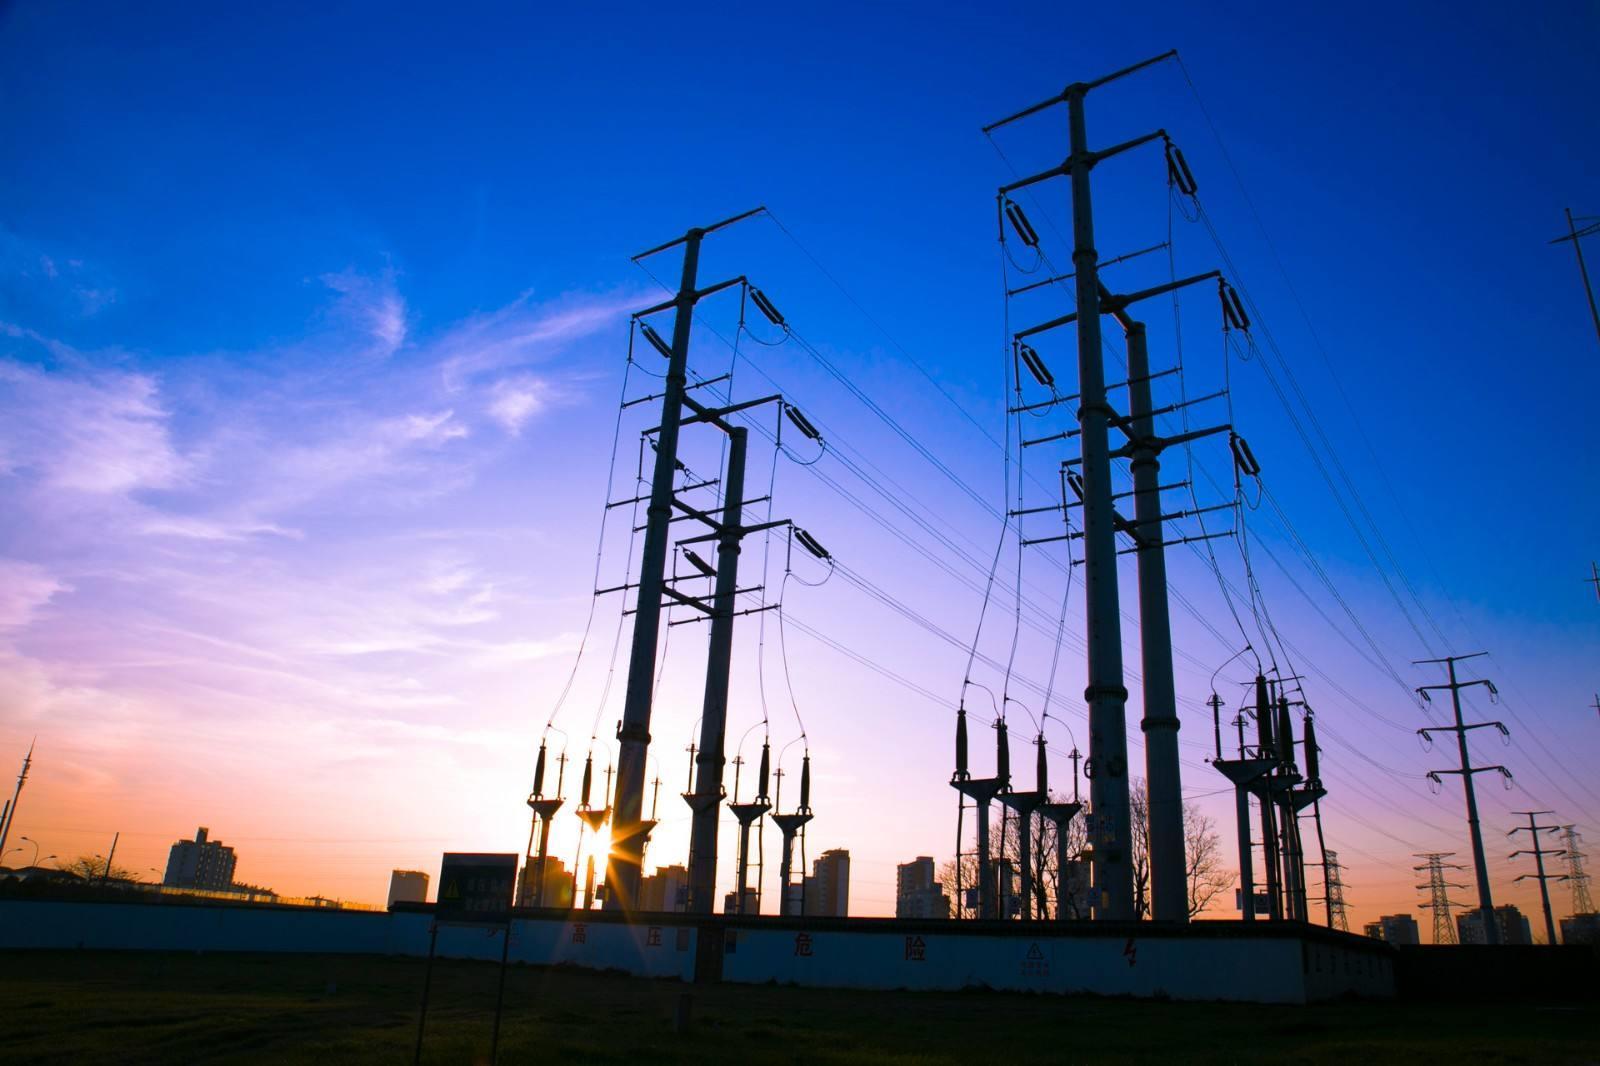 5月我国发电量5932亿千瓦时 同比增长4.3%